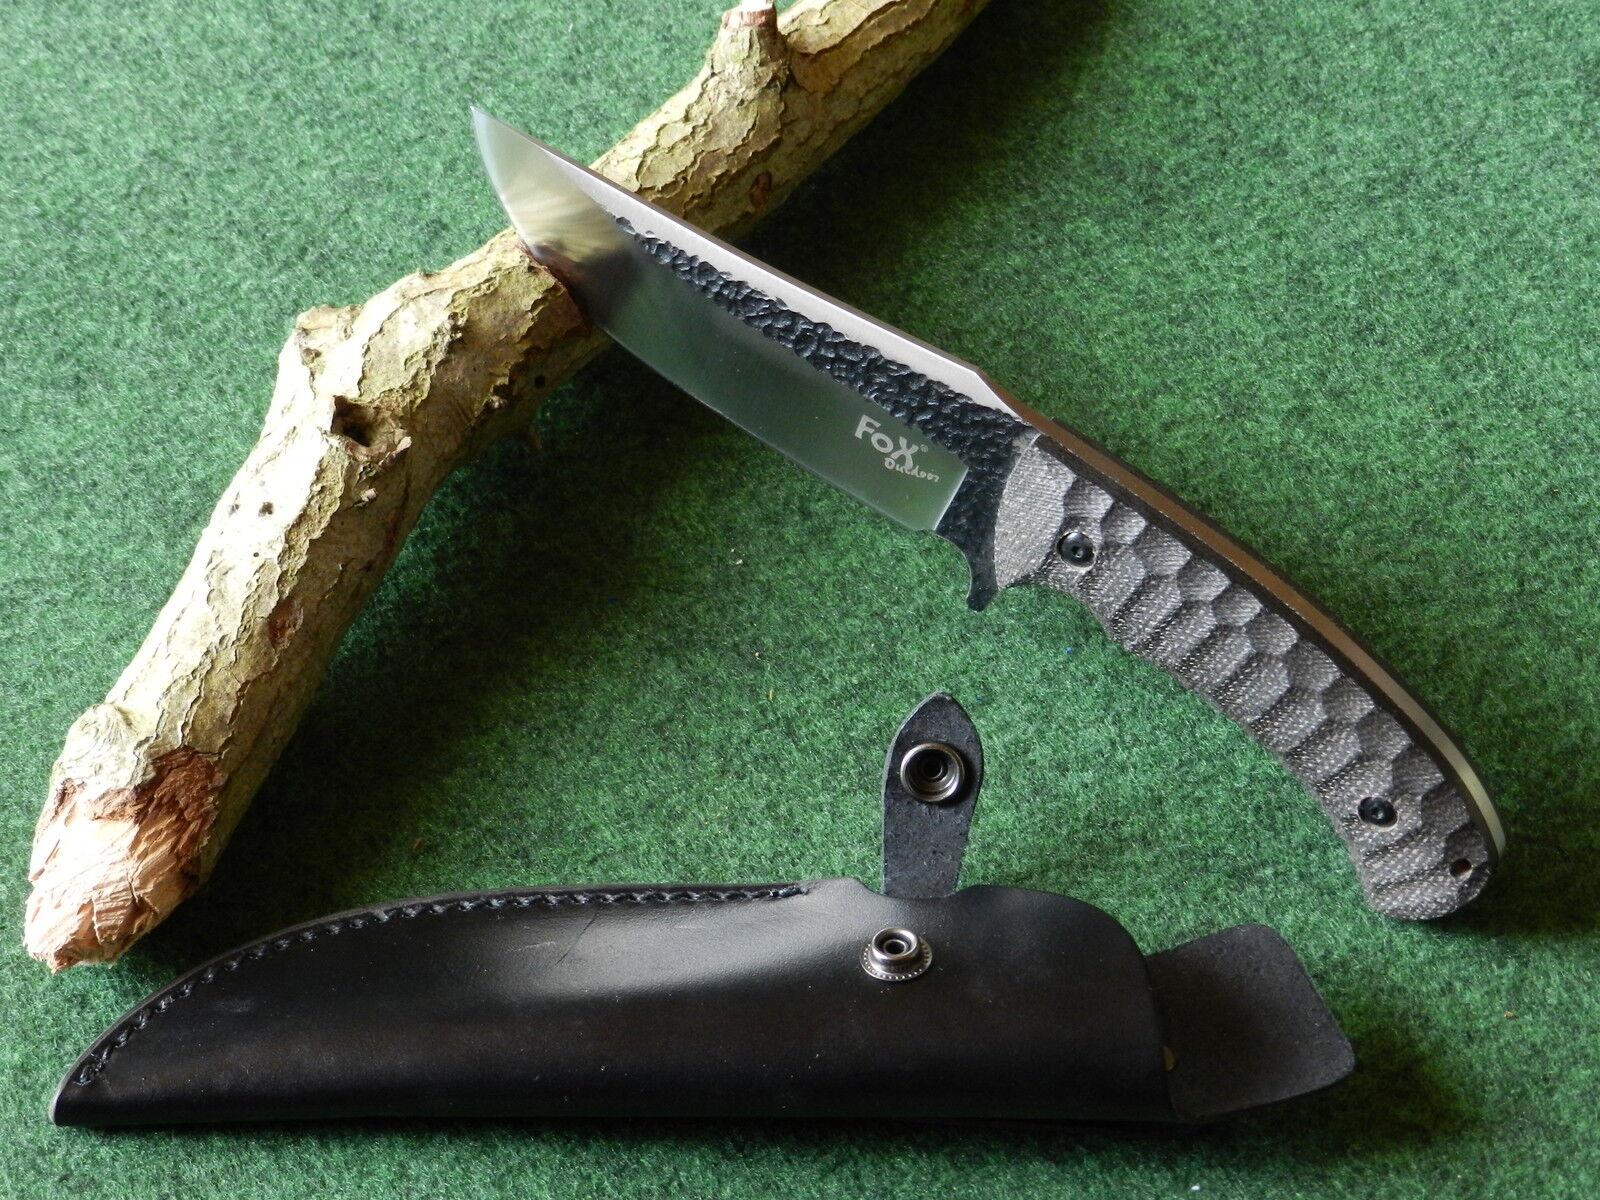 FOX Outdoor,  Gürtelmesser, Messer, Gürtelmesser mit Lederscheide, Jagdmesser  | Authentisch